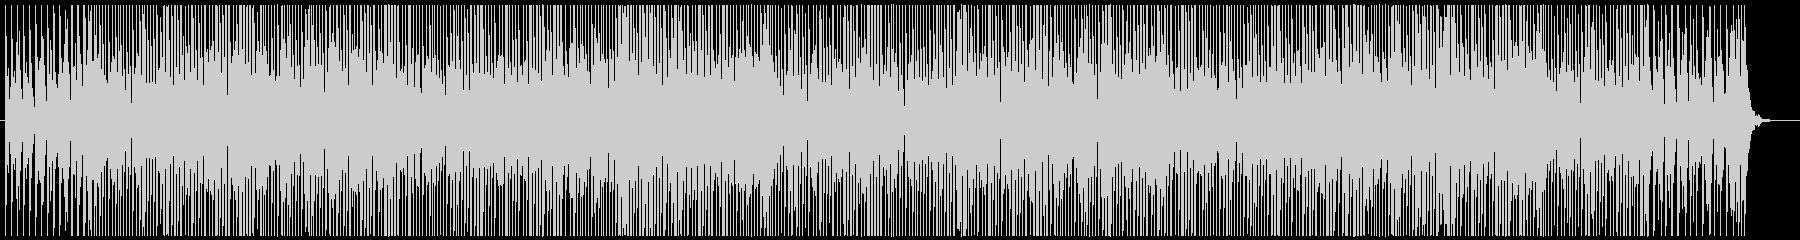 ポップでエレクトロなホラー/ハロウィンの未再生の波形